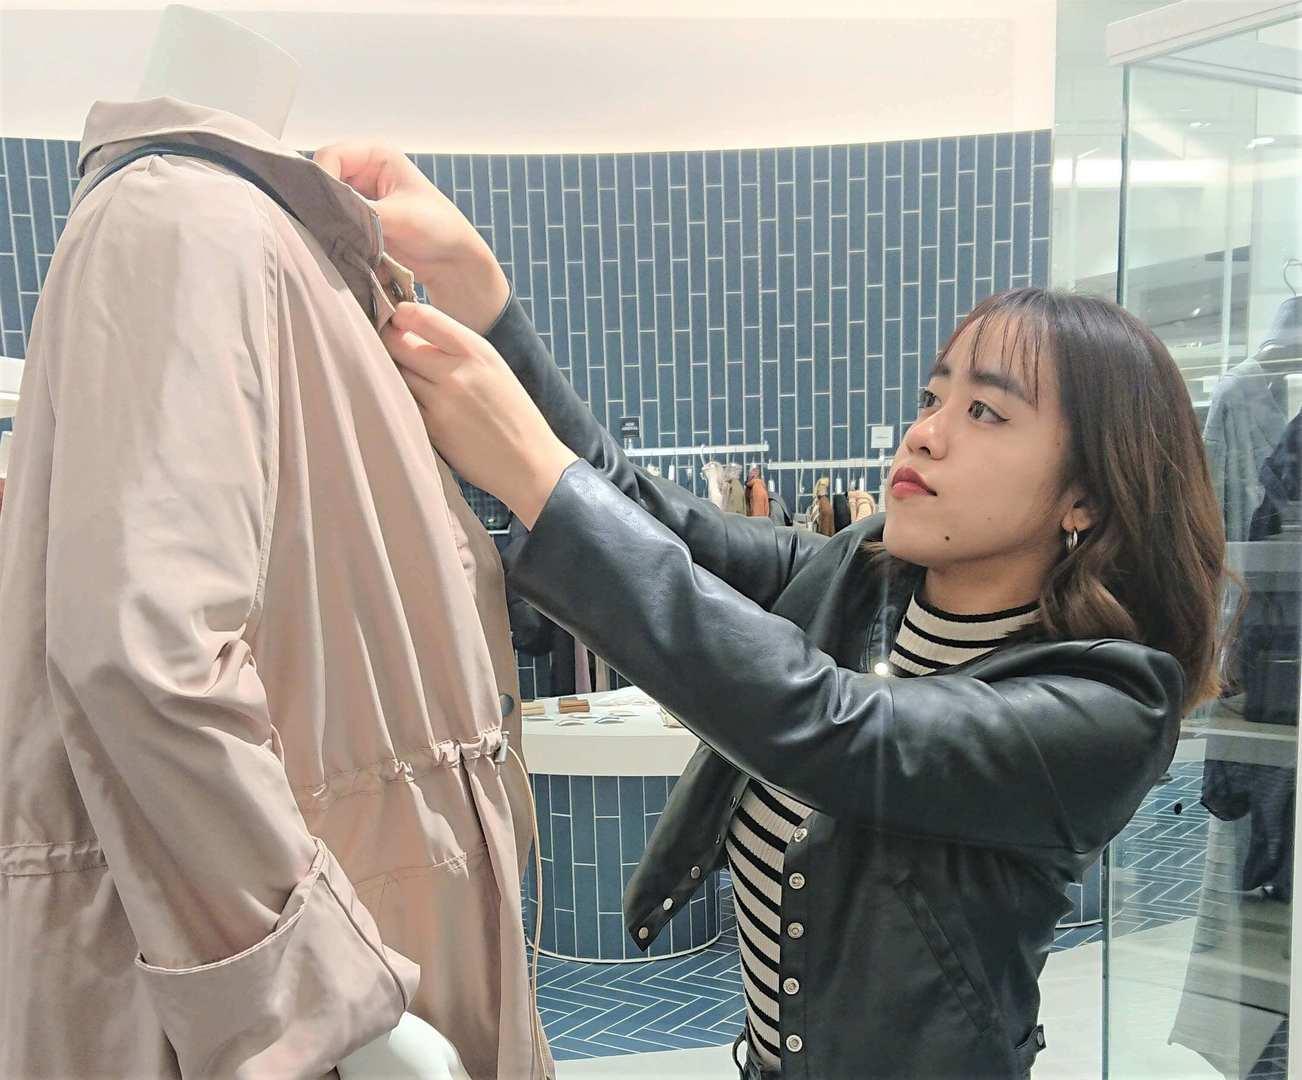 ★香川★自分らしさを大切にした接客スタイルで働けるファッションアドバイザー募集のカバー写真